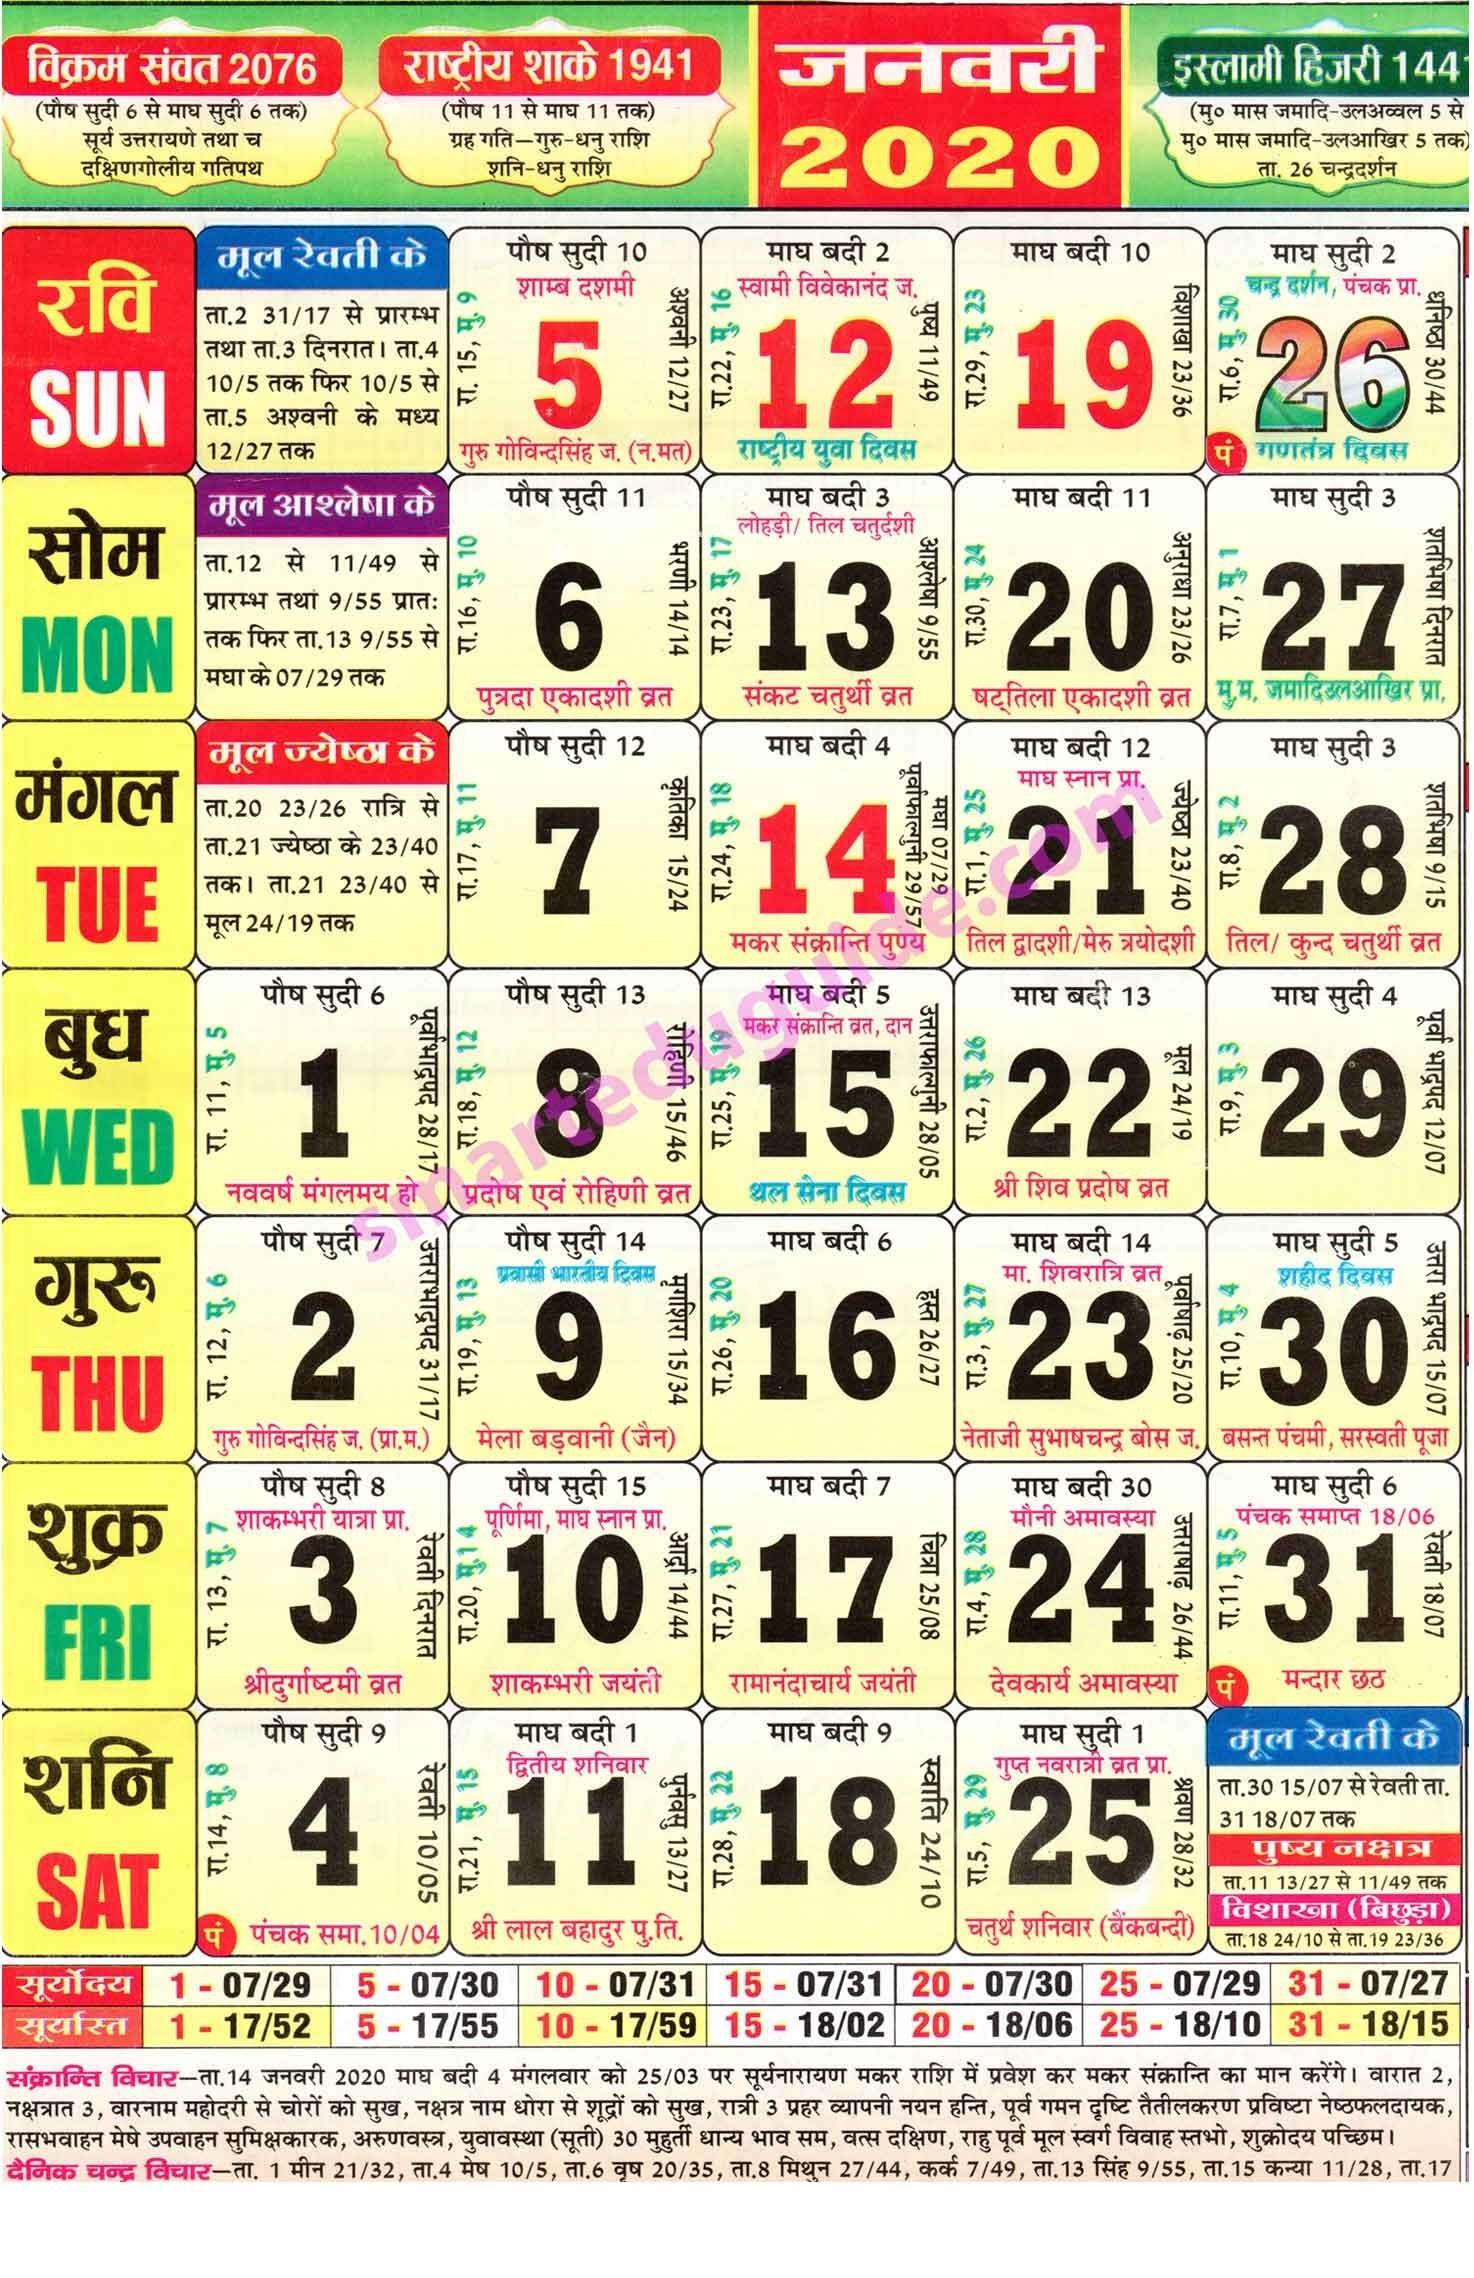 Hindu Religious Holiday Calendar 2020 | Anexa Wild